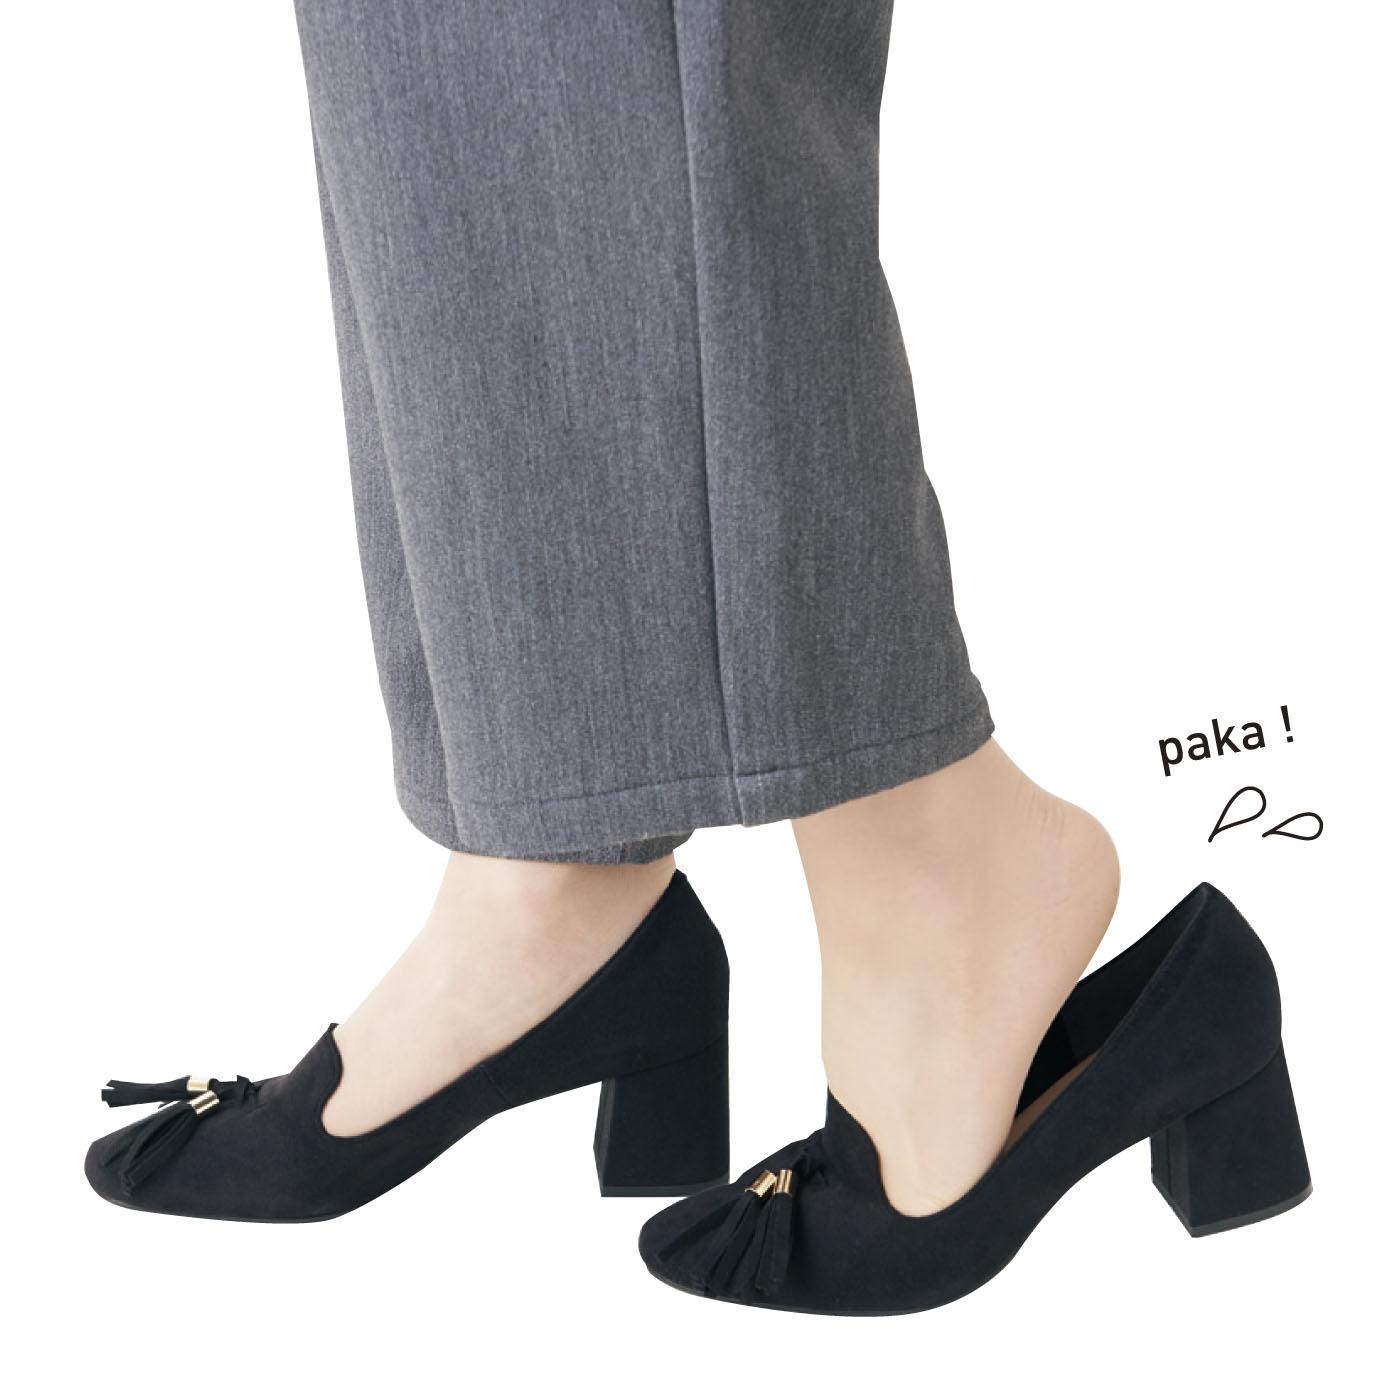 かかとがパカパカ浮いて歩きにくい靴が、装着するだけで歩きやすく、華やかに!